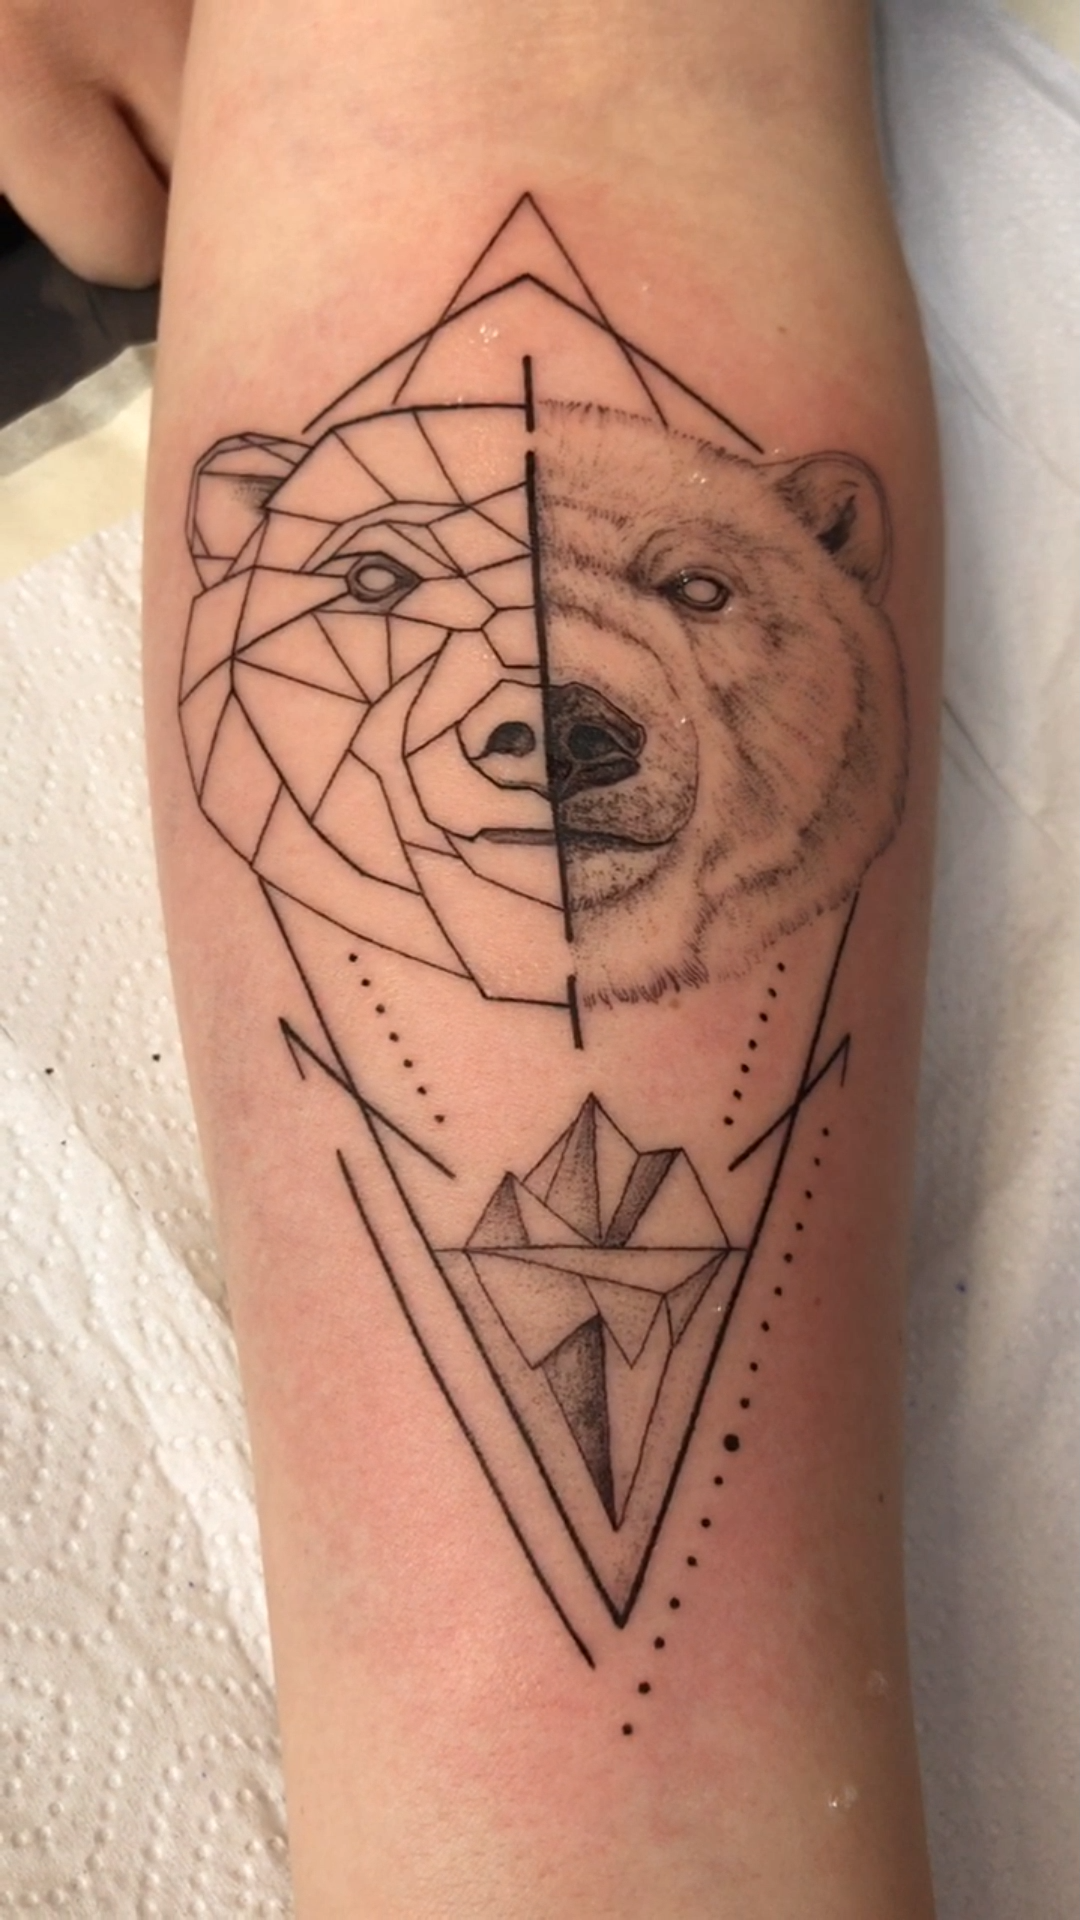 Тату геометрия. Тату медведь геометрия эскизы. 100+ татуировок и эскизов на нашем сайте, заходи!